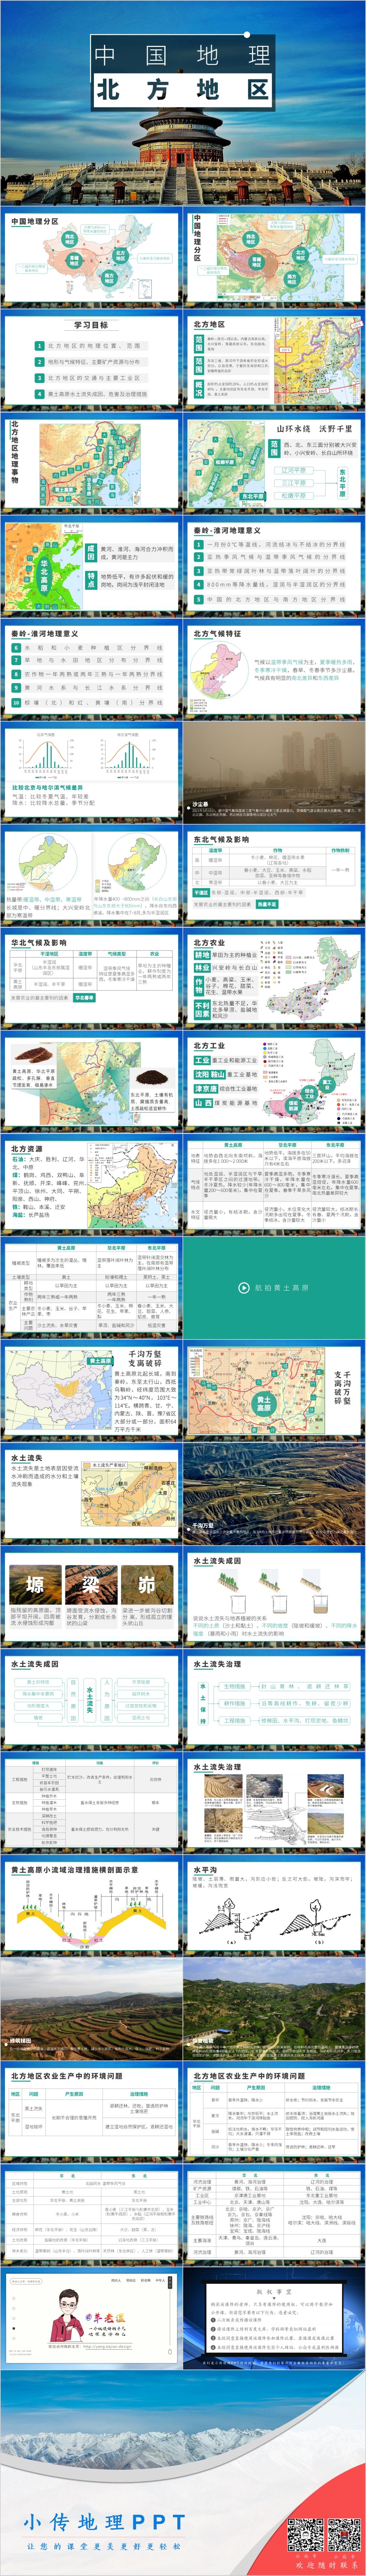 中国地理-北方地区.jpg